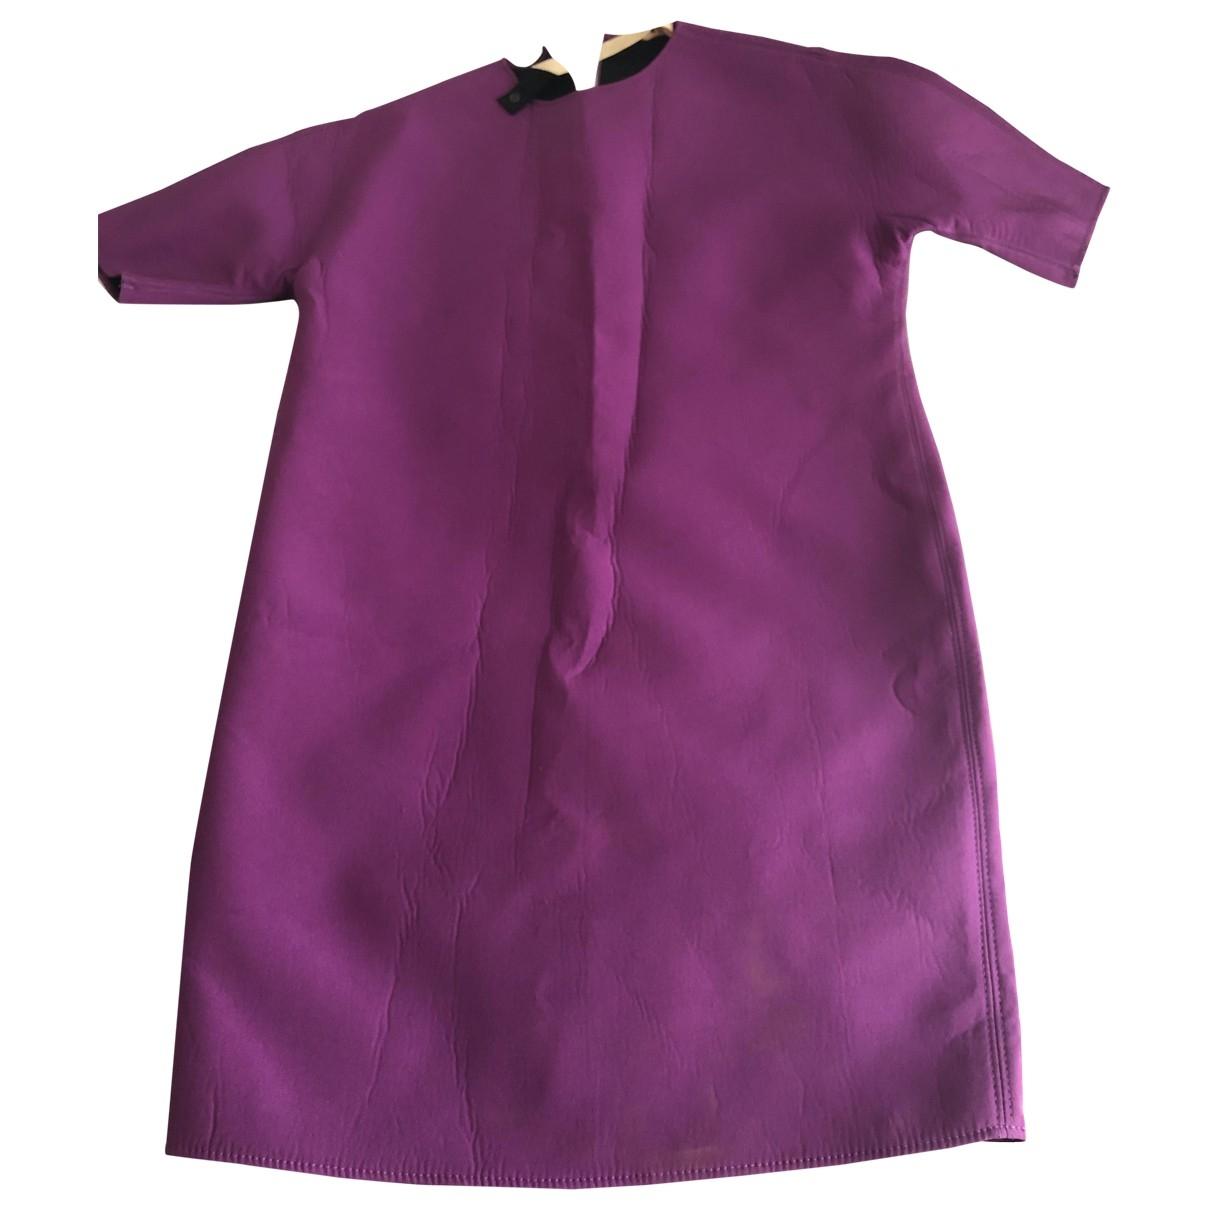 N°21 \N Kleid in  Lila Polyester